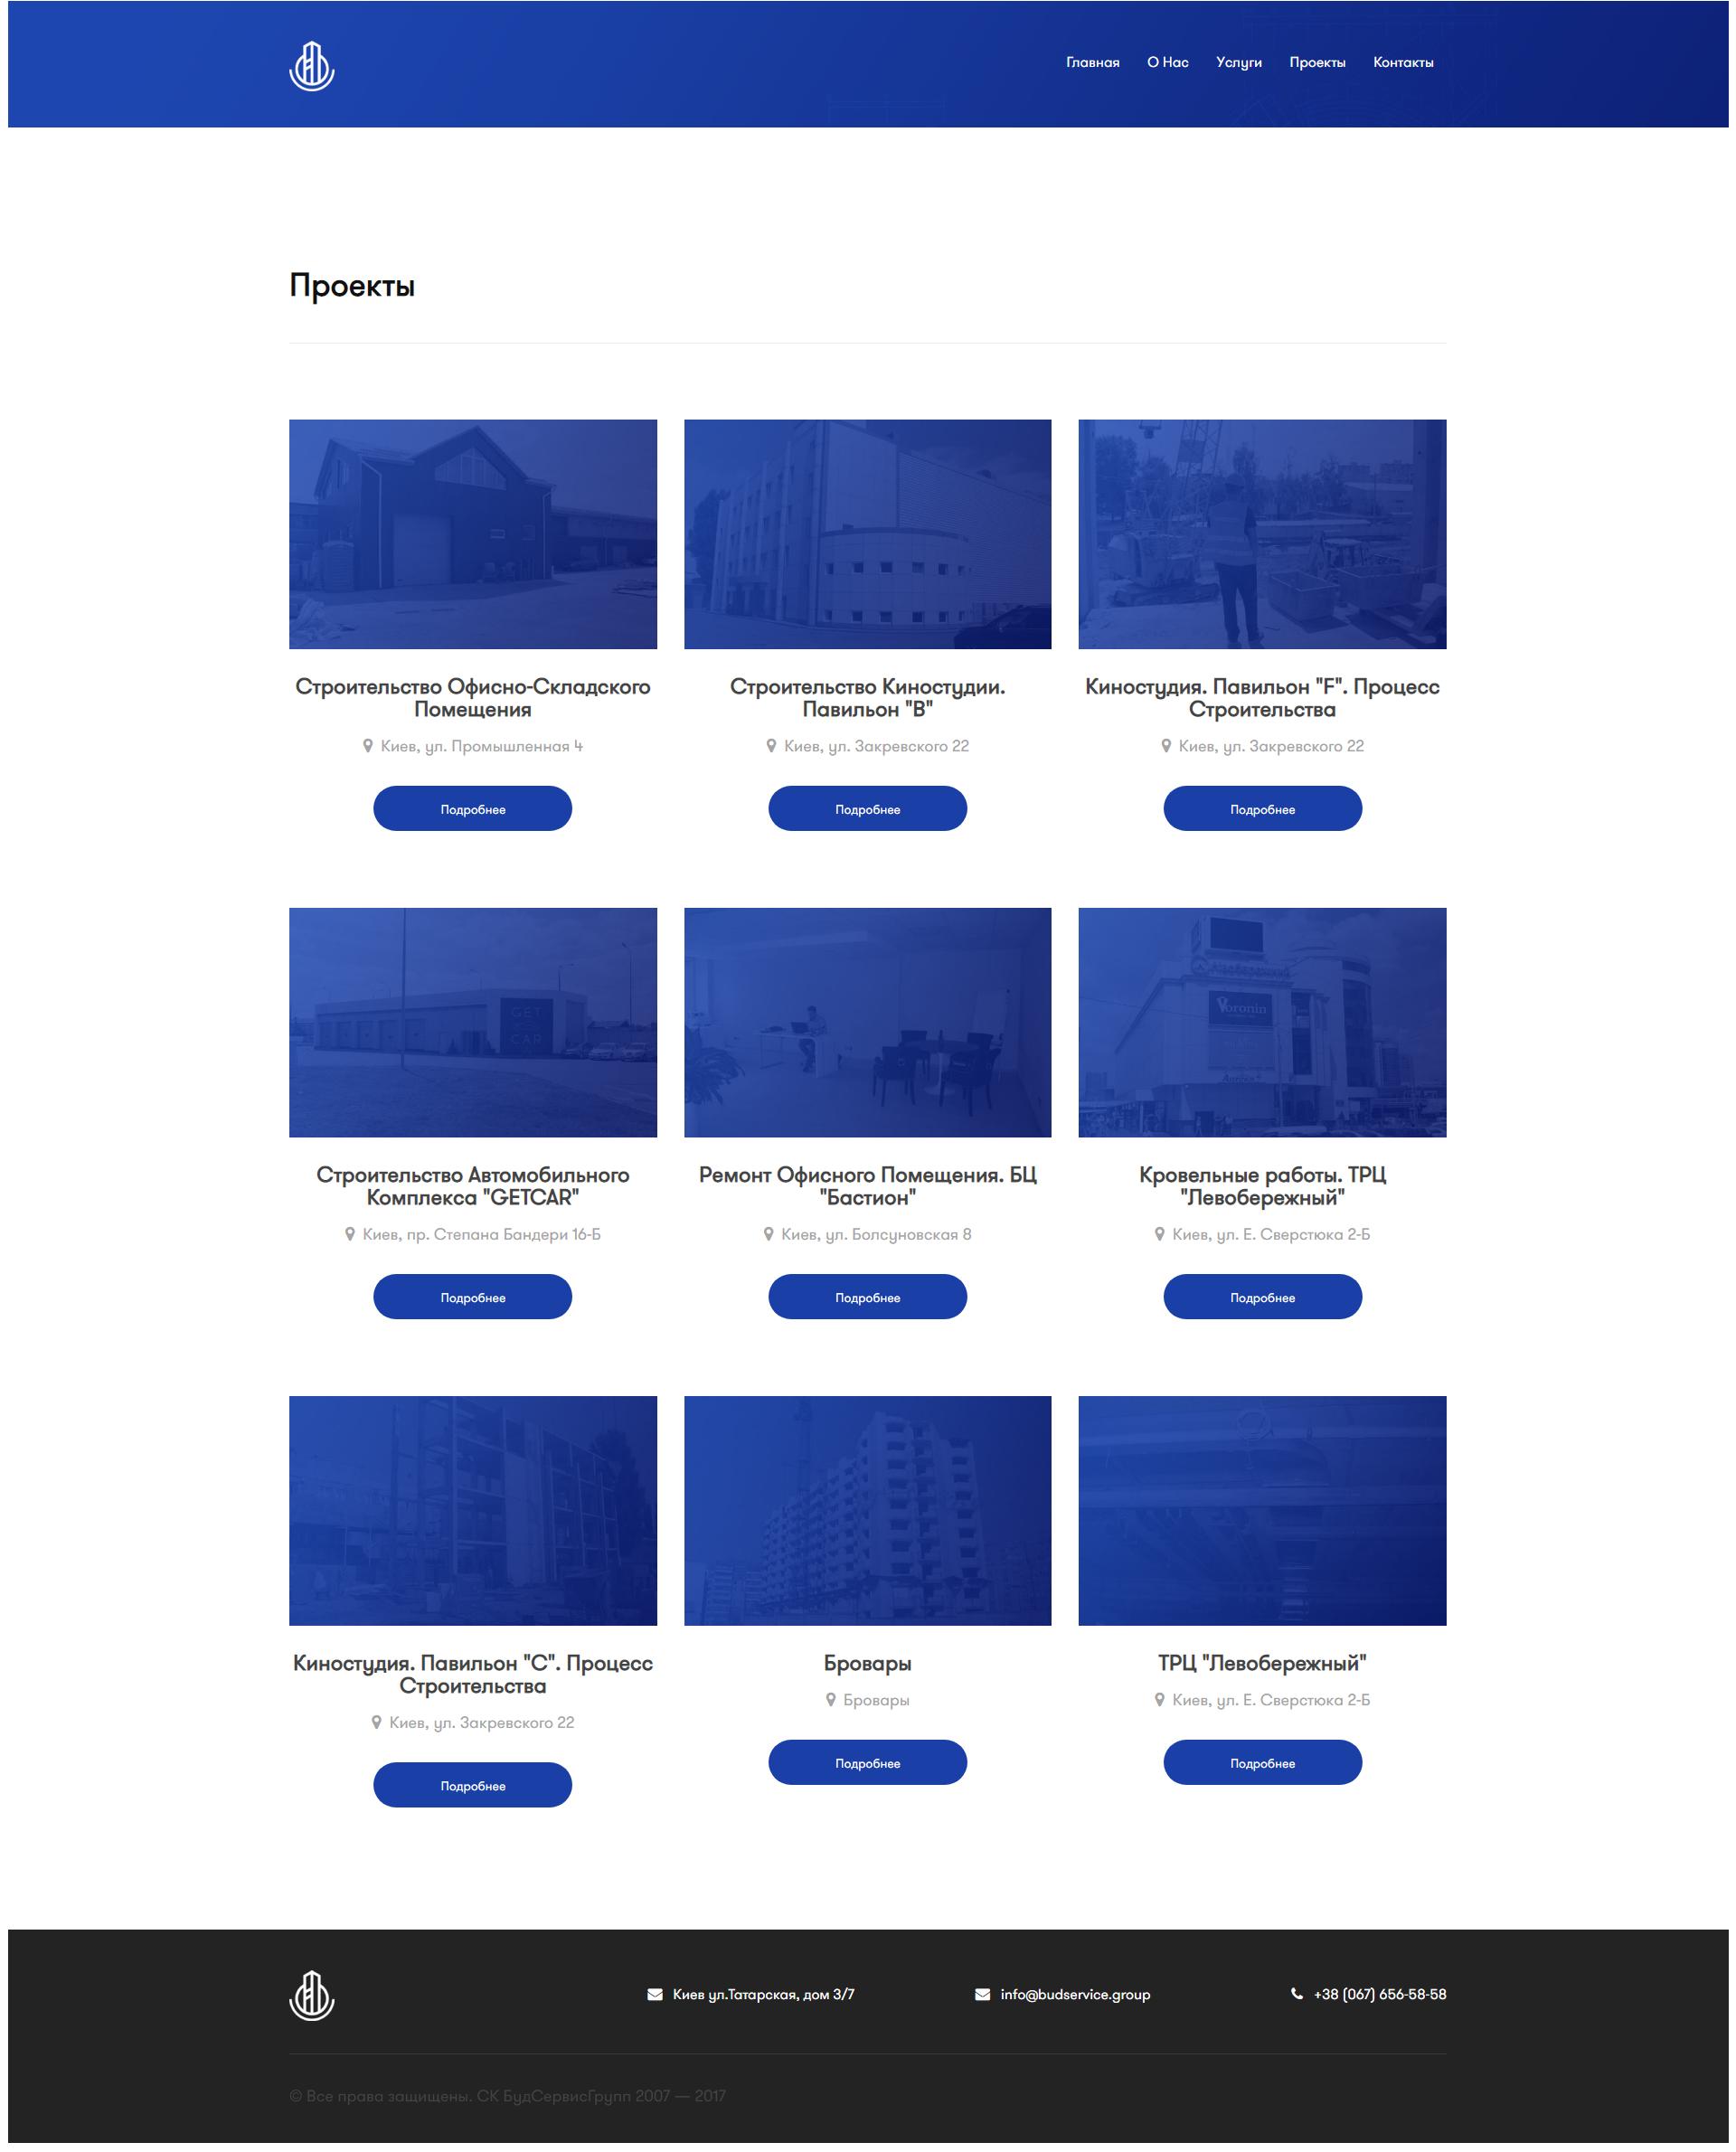 Фото Разработка корпоративного сайта под ключ. Уникальный дизайн + Верстка под WordPress